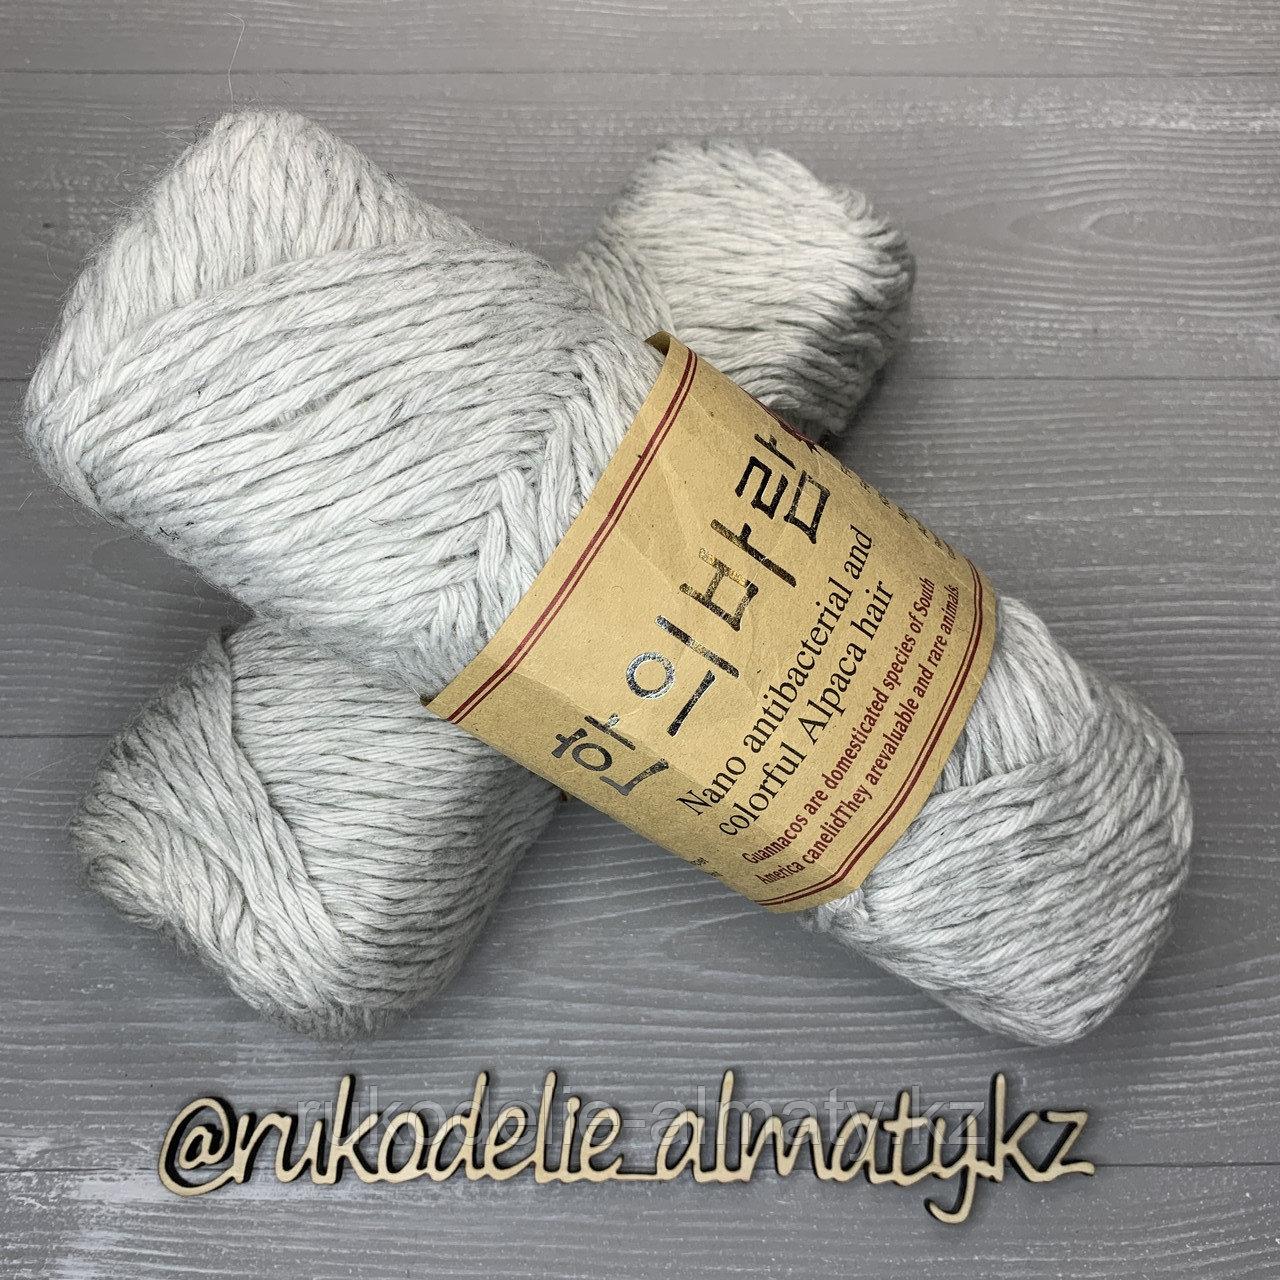 """Пряжа для ручного вязания """"NANO """", 100 гр, цвет-светло-серый серо-белый - фото 1"""